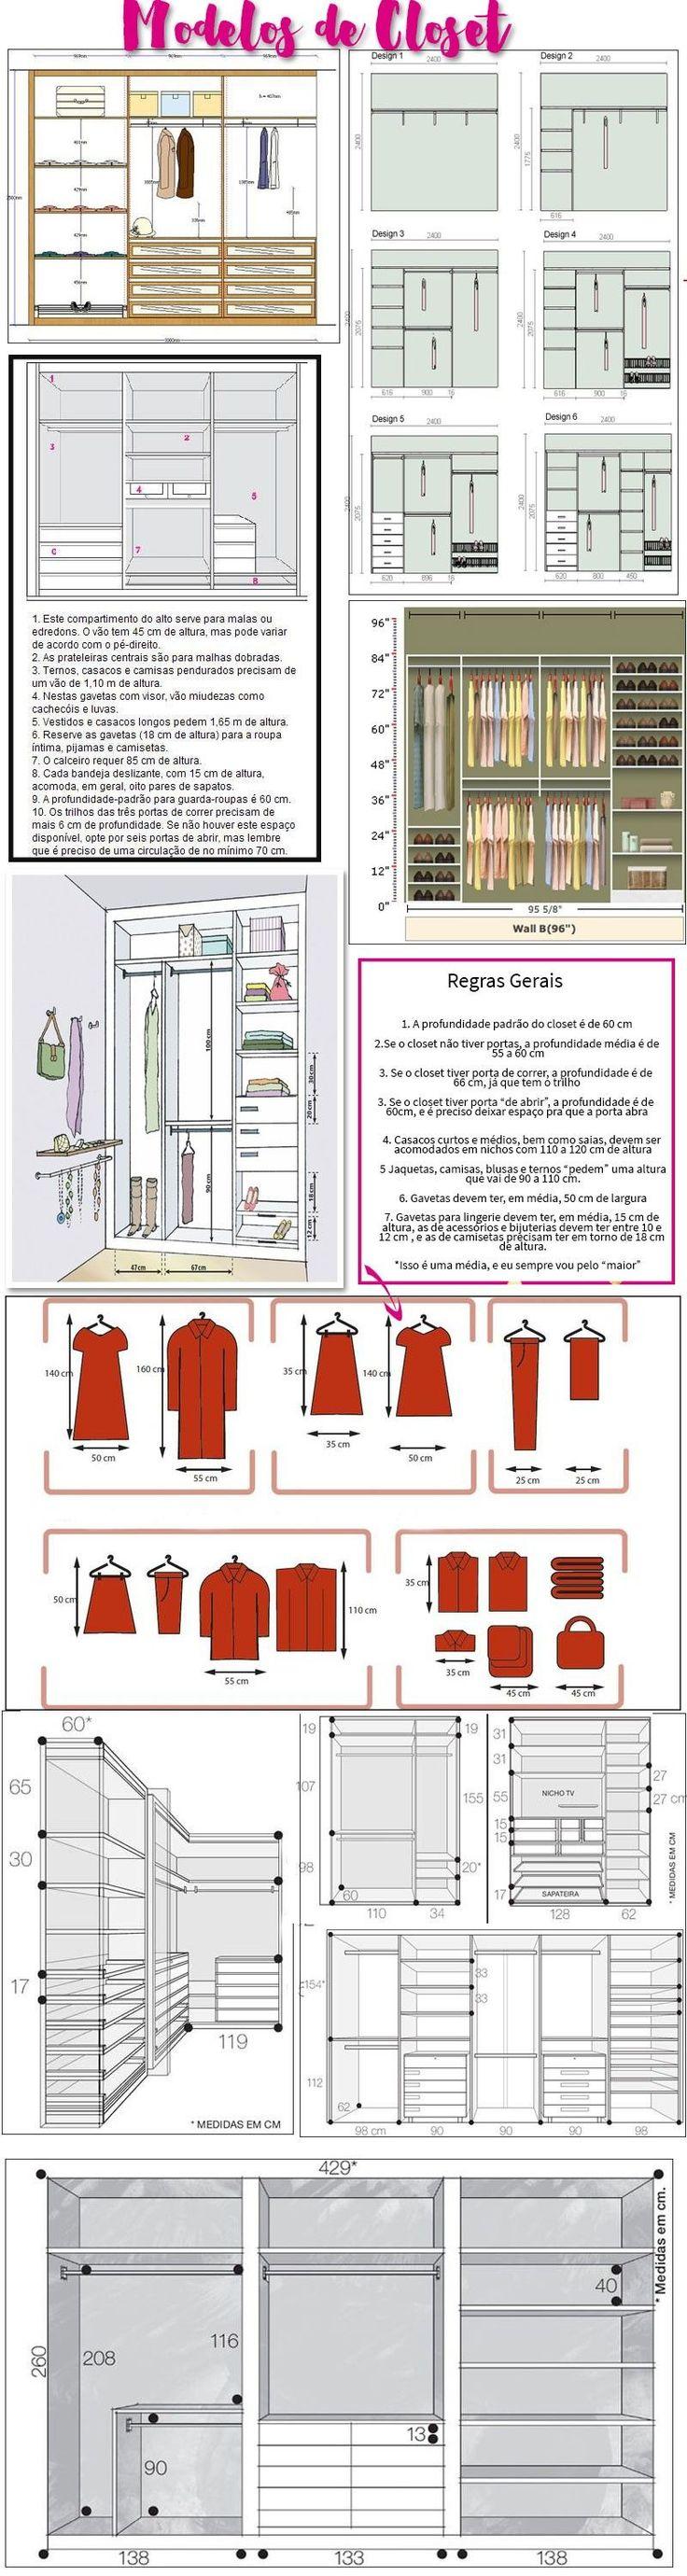 modelos de closet